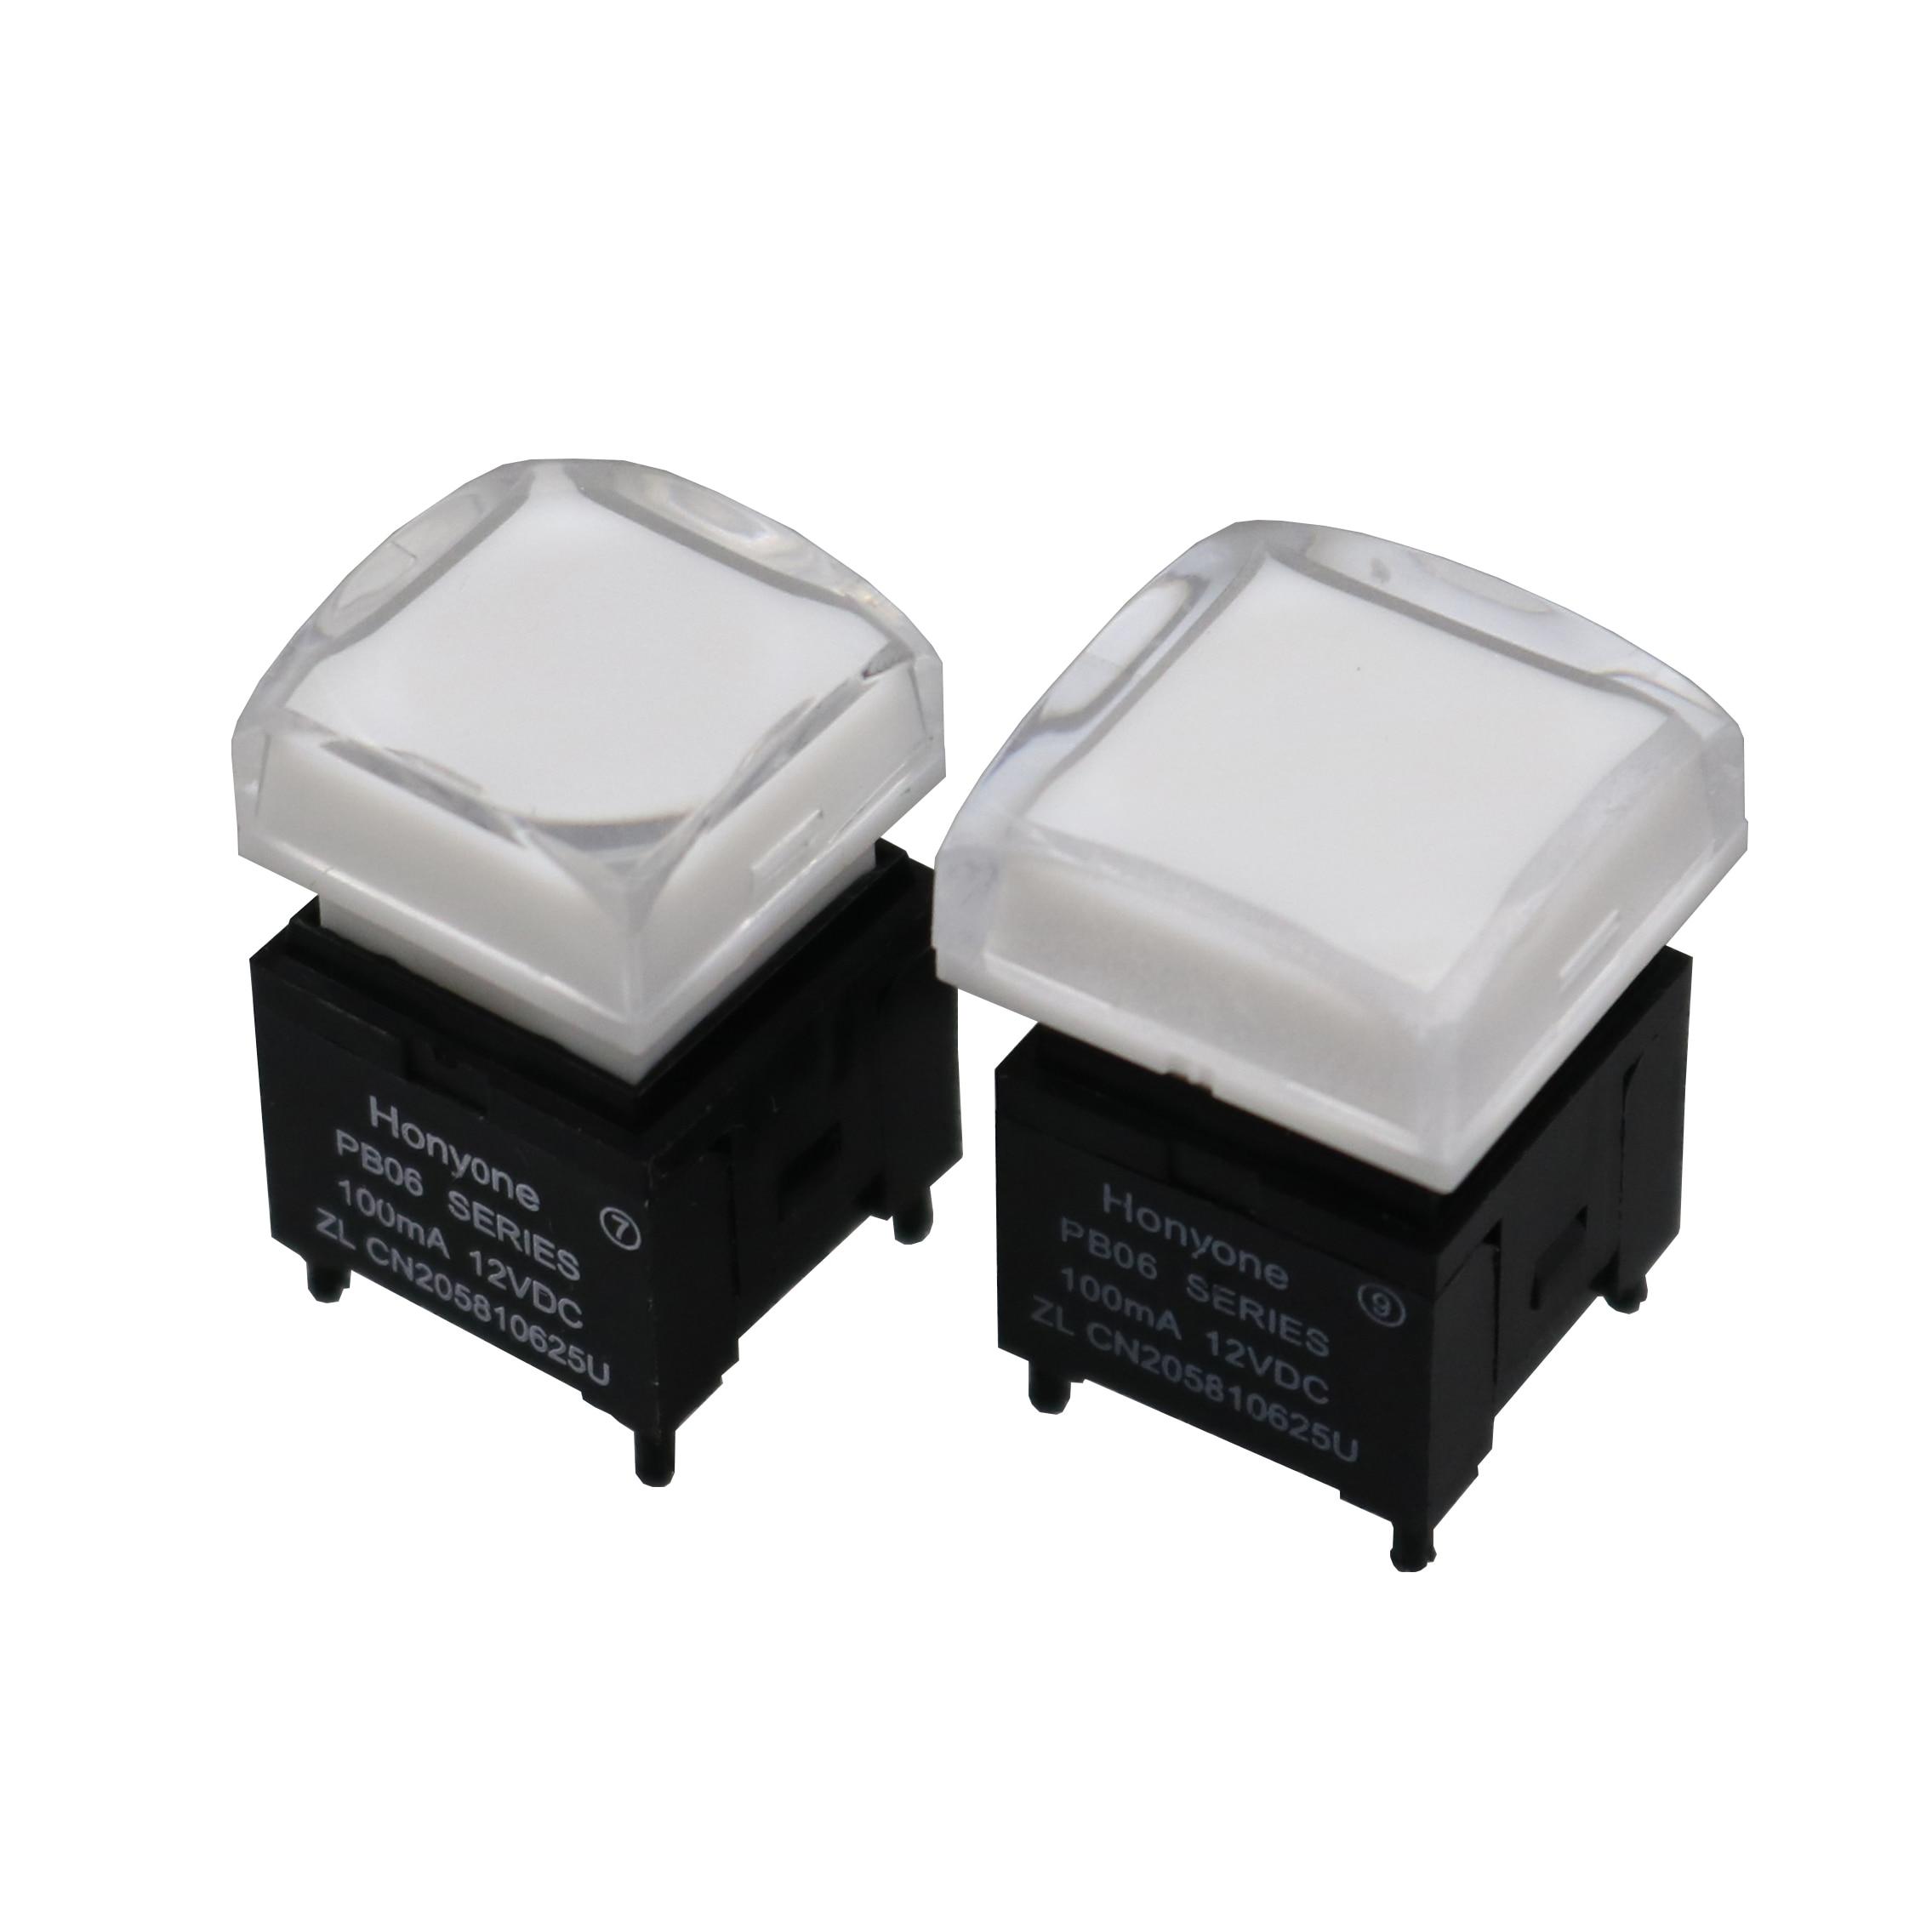 1 шт. 15 мм/17 мм прозрачная крышка фотографический/Мгновенный кнопочный переключатель с RGB светодиодной подсветкой SPST